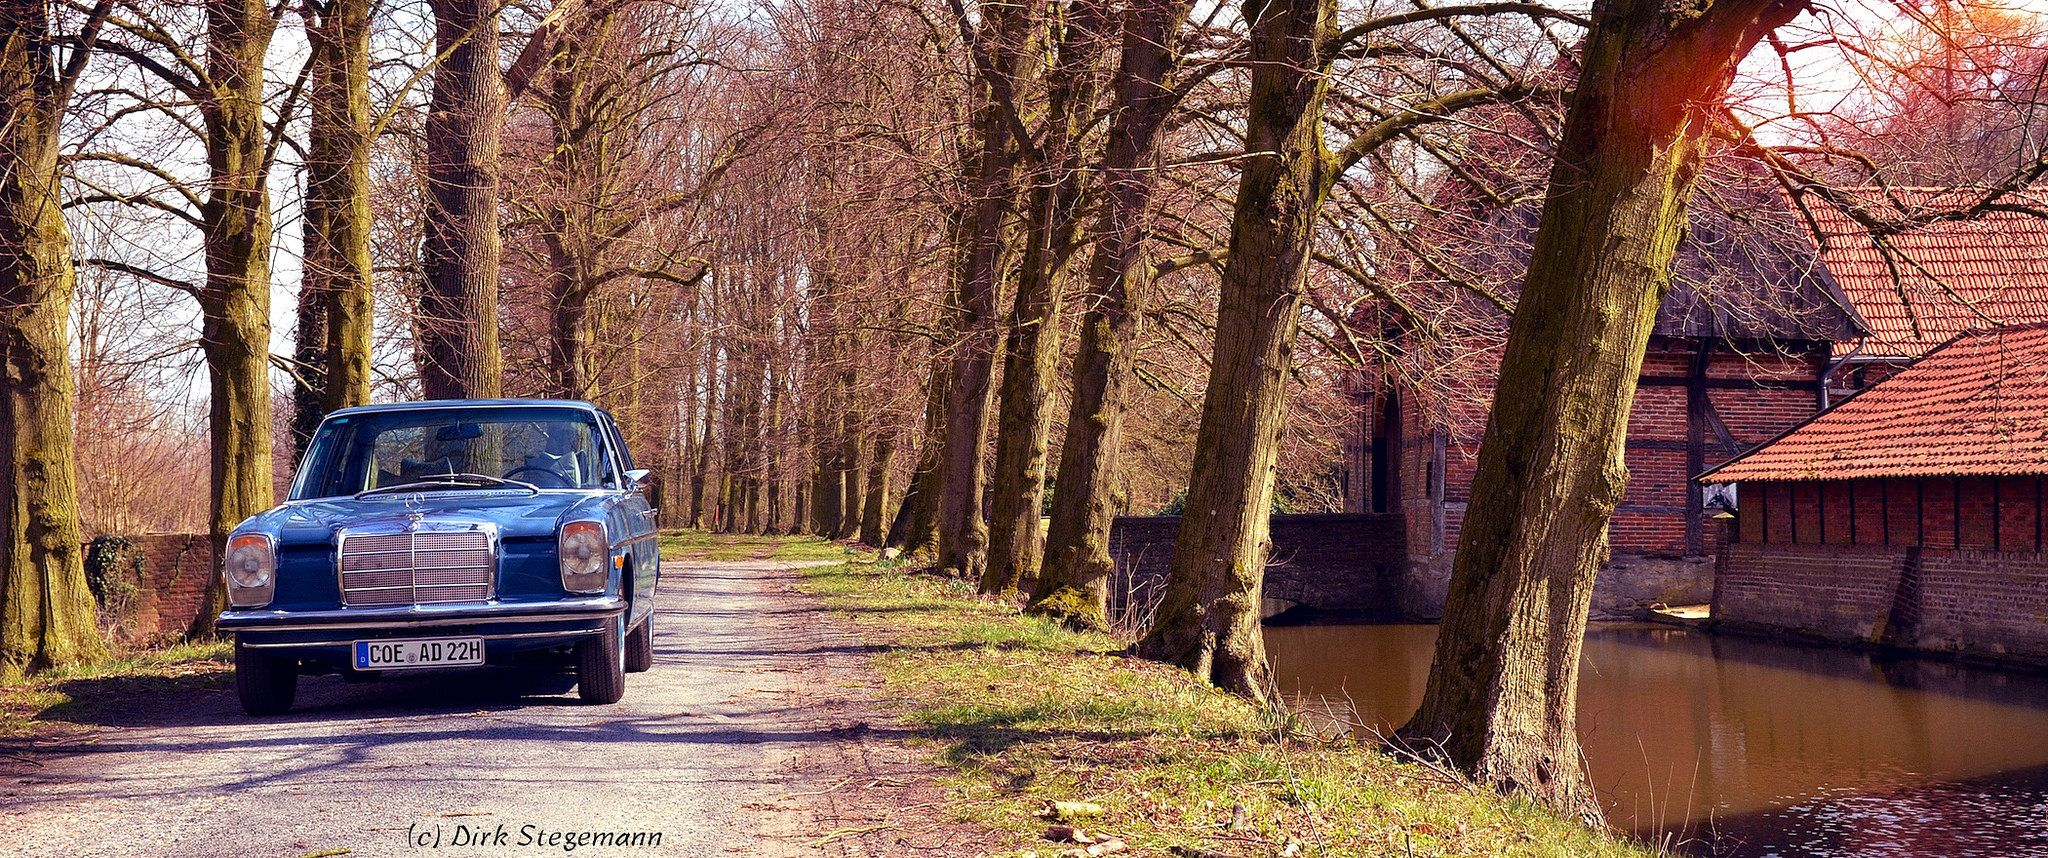 Mit dem Strich8 zum Haus Runde | Mercedes benz